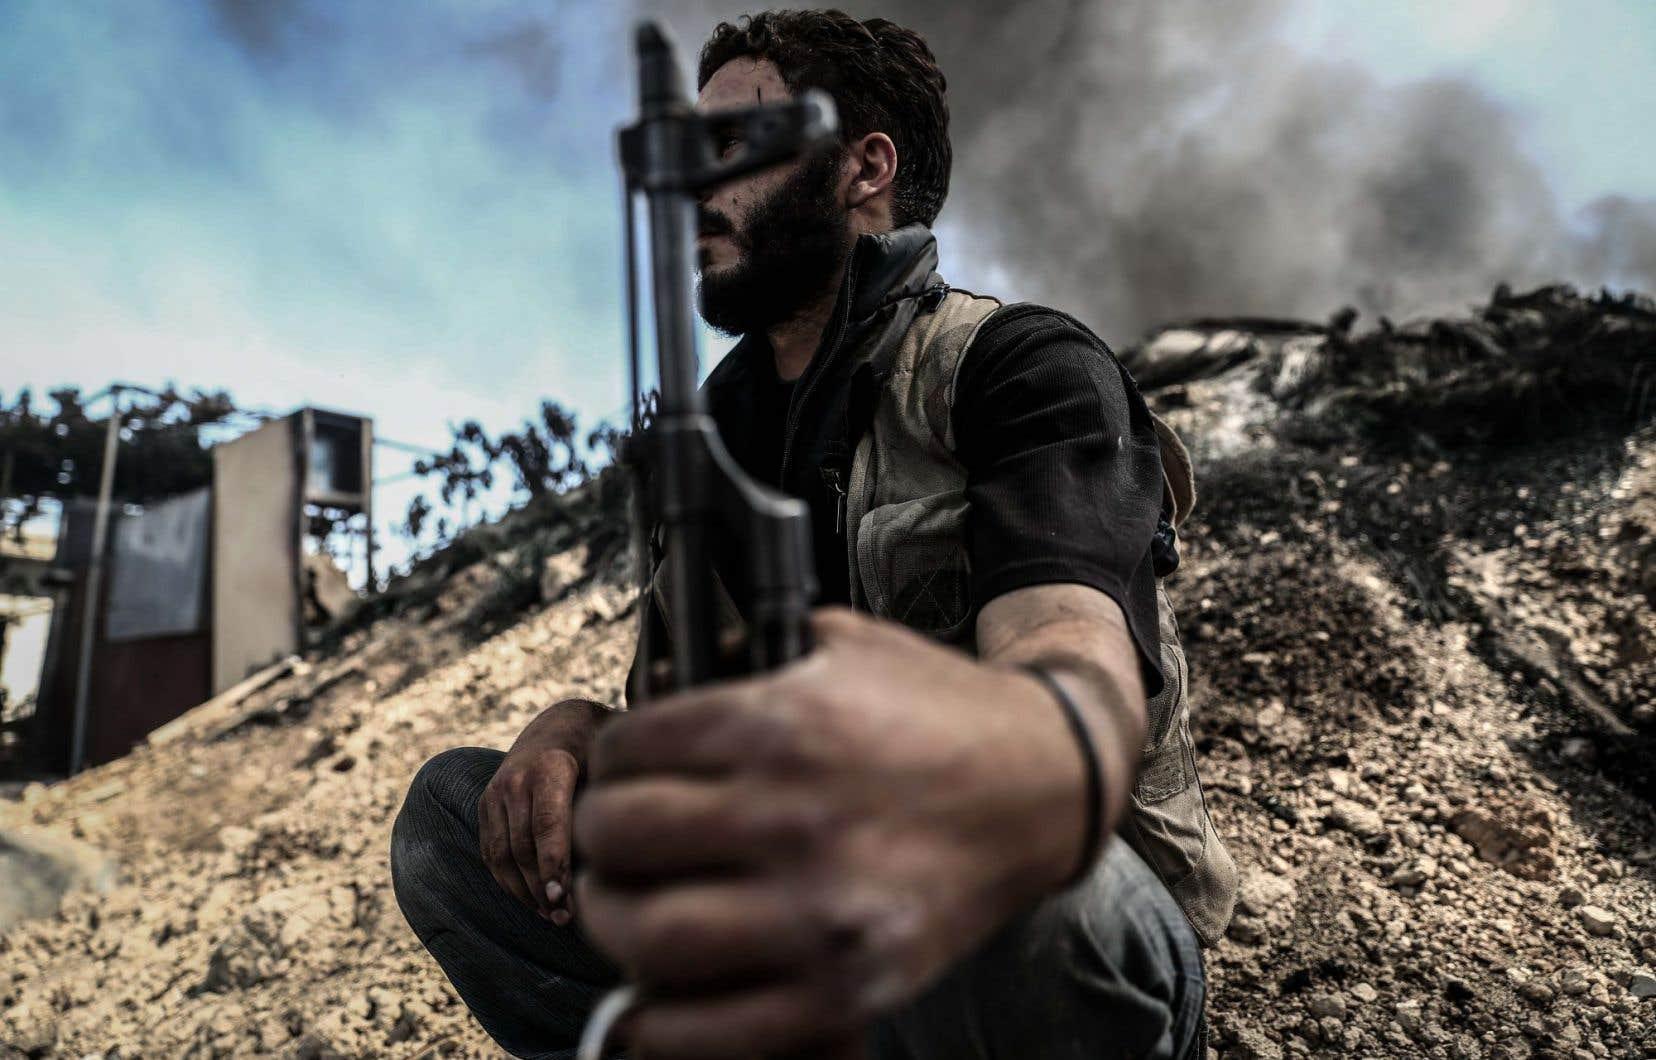 <p>Les États-Unis et la Russie, qui soutiennent respectivement les groupes rebelles et les forces de Bachar al-Assad, ont conclu un accord aboutissant à une trêve qui est entrée en vigueur lundi soir entre les insurgés et les forces pro-régime.</p>